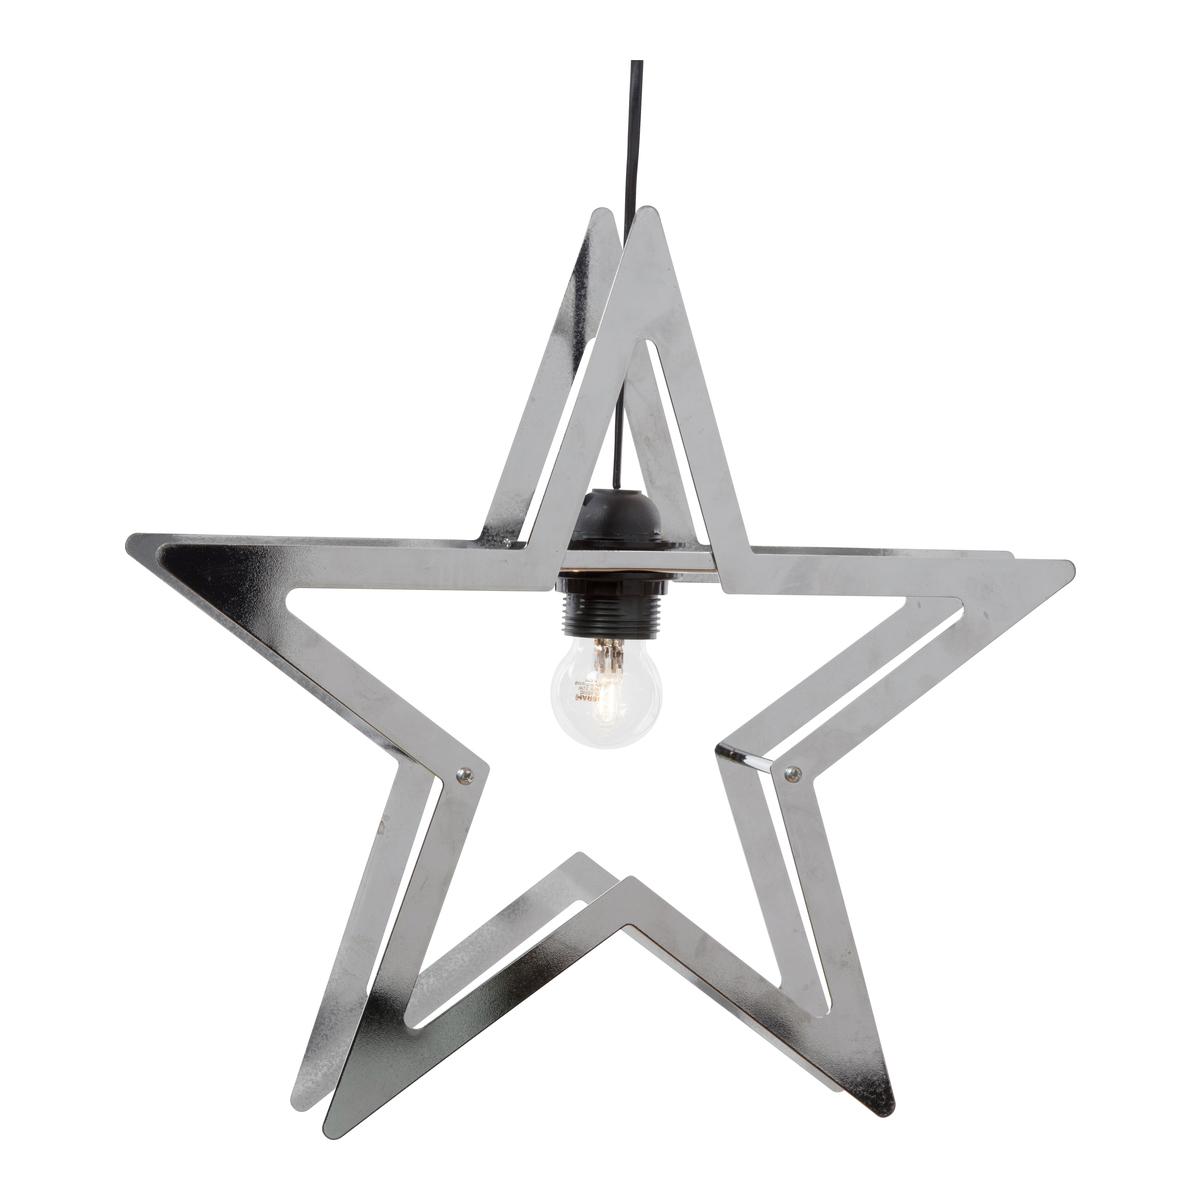 Metallstjerne 38cm-ELM4029